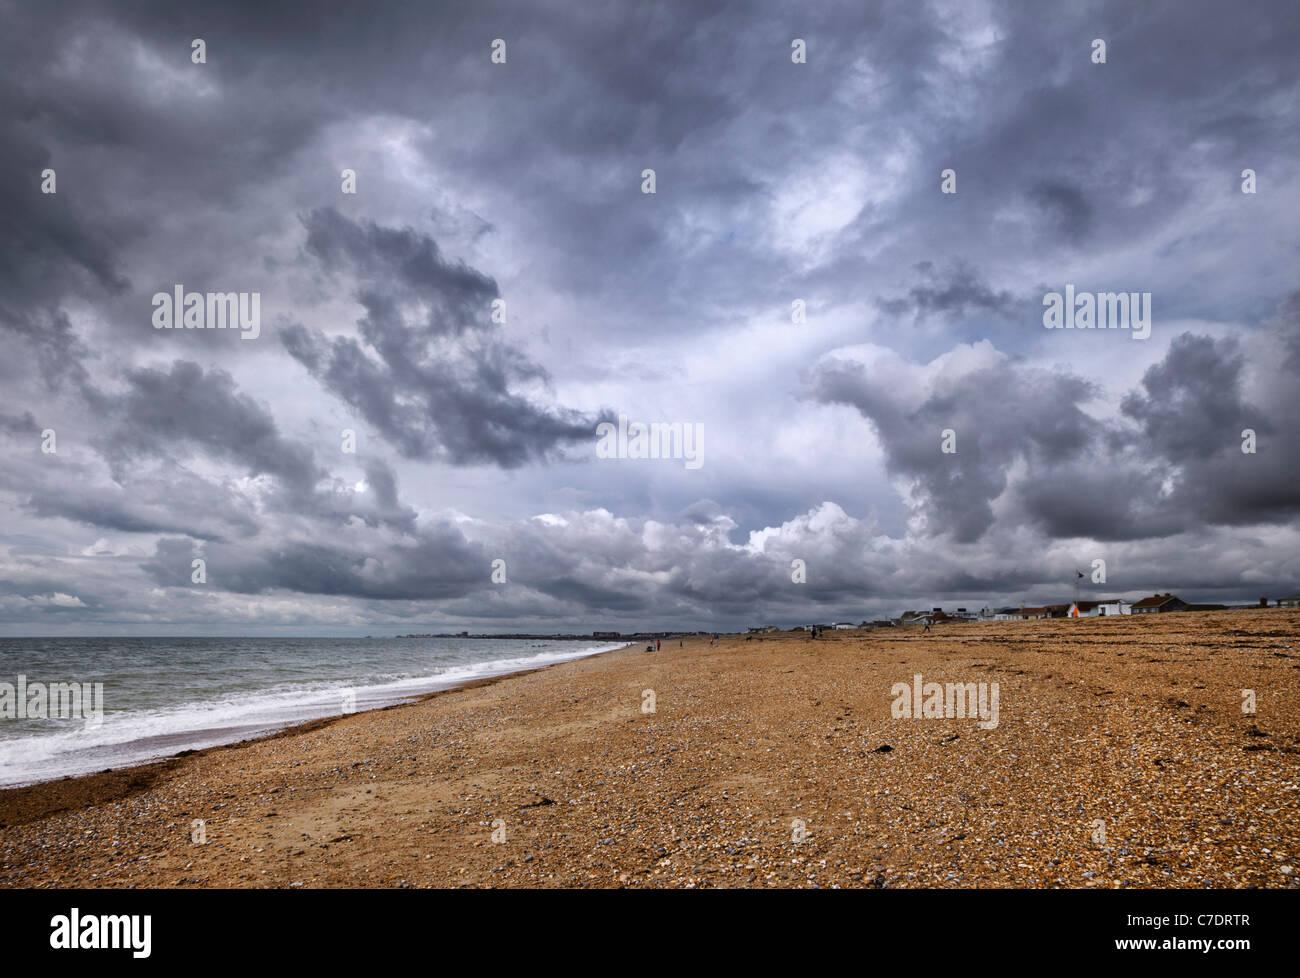 Ciel d'orage sur la plage de galets à Shoreham-by-Sea, Sussex, Angleterre. Photo Stock